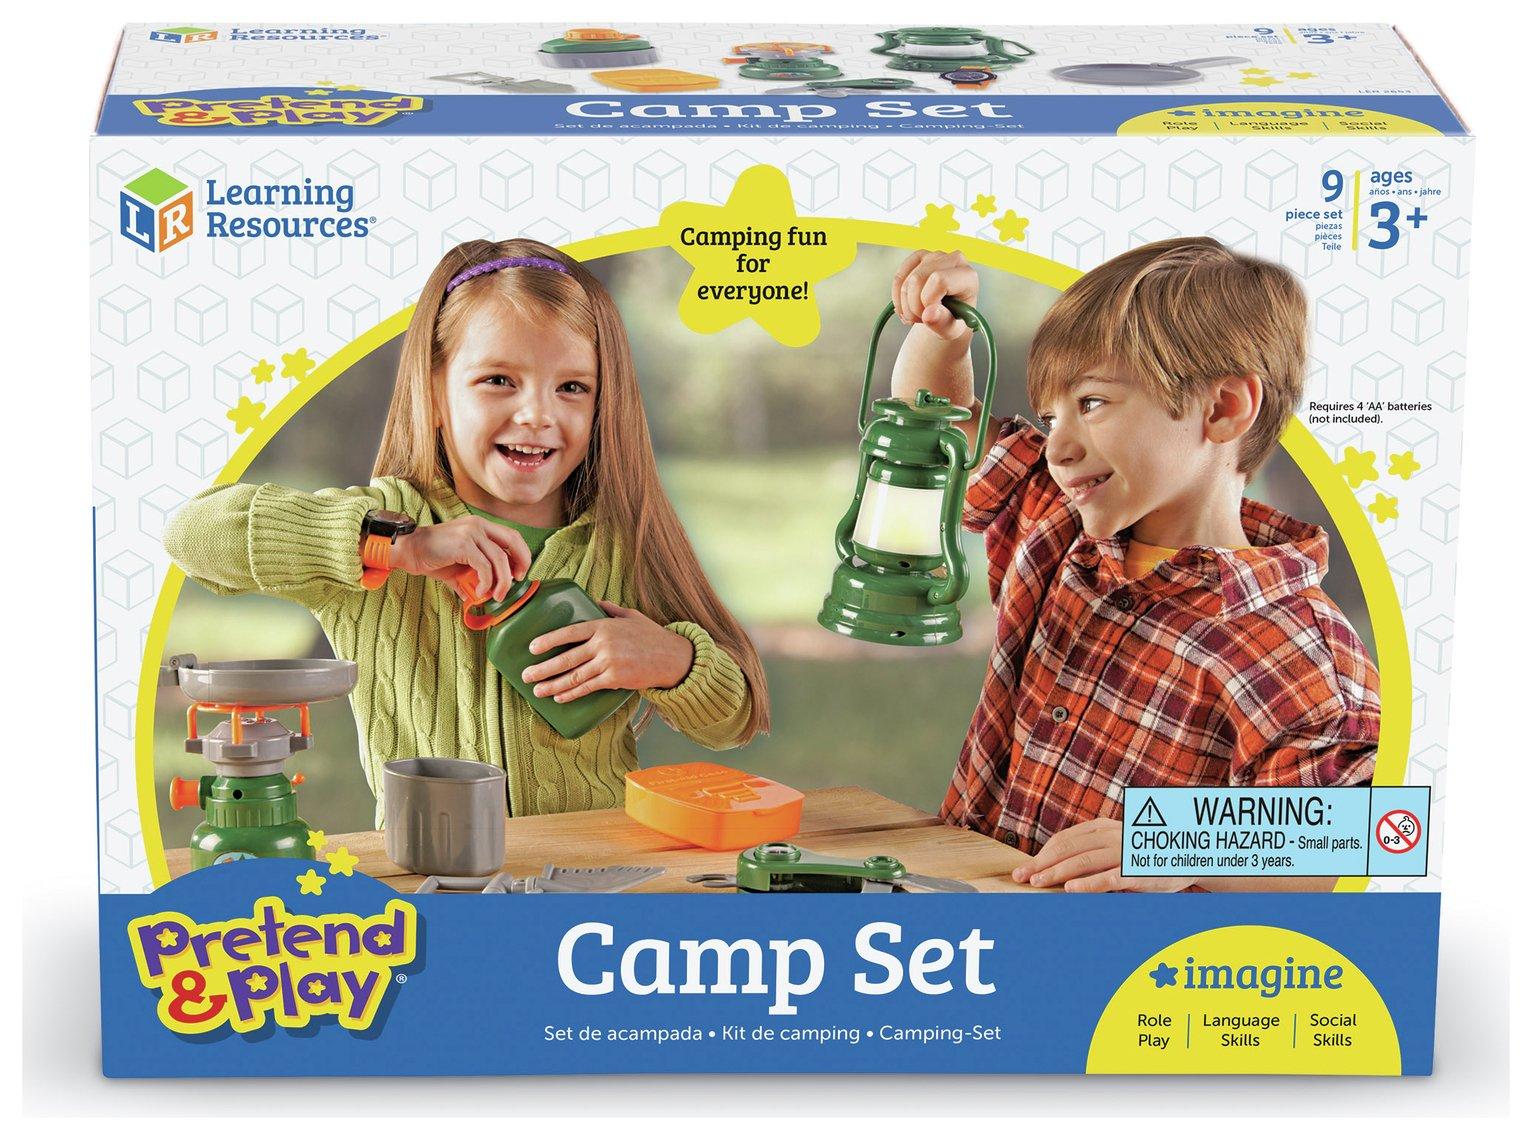 Pretend & Play - Camp Set